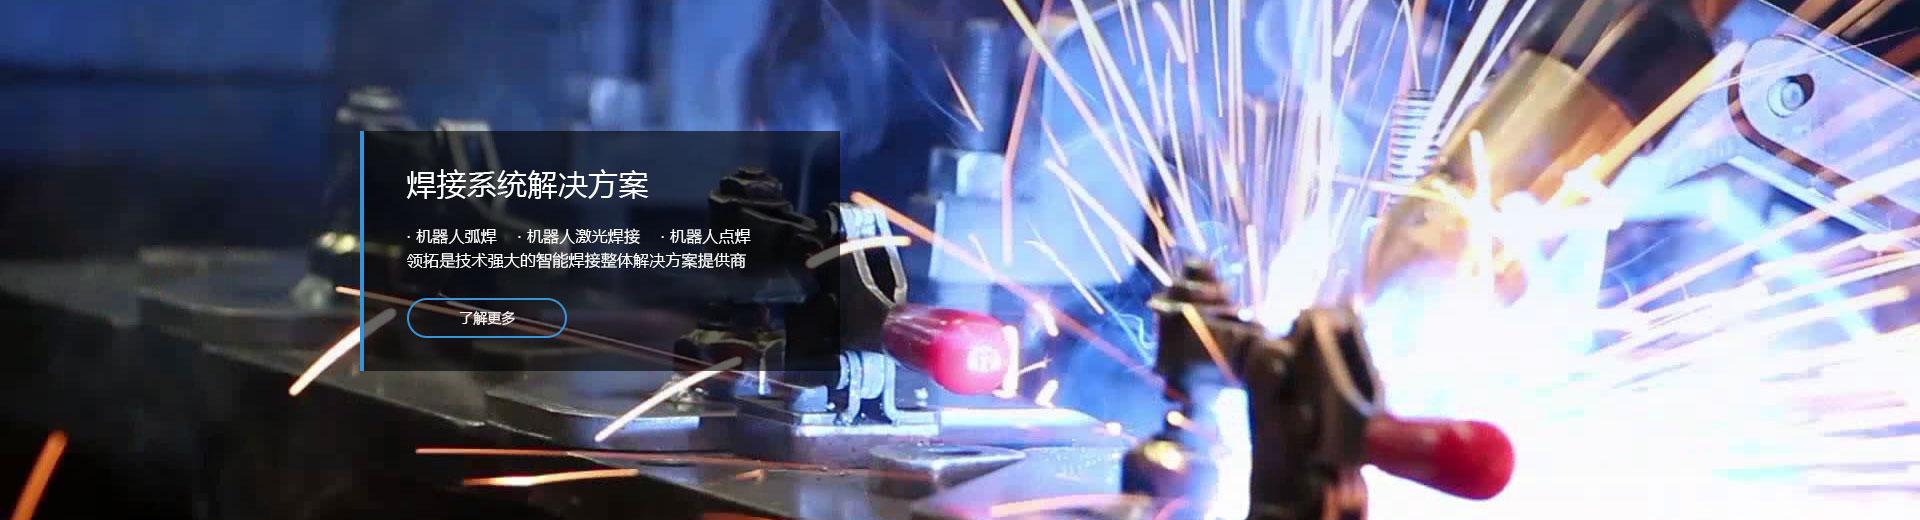 六轴机器人应用